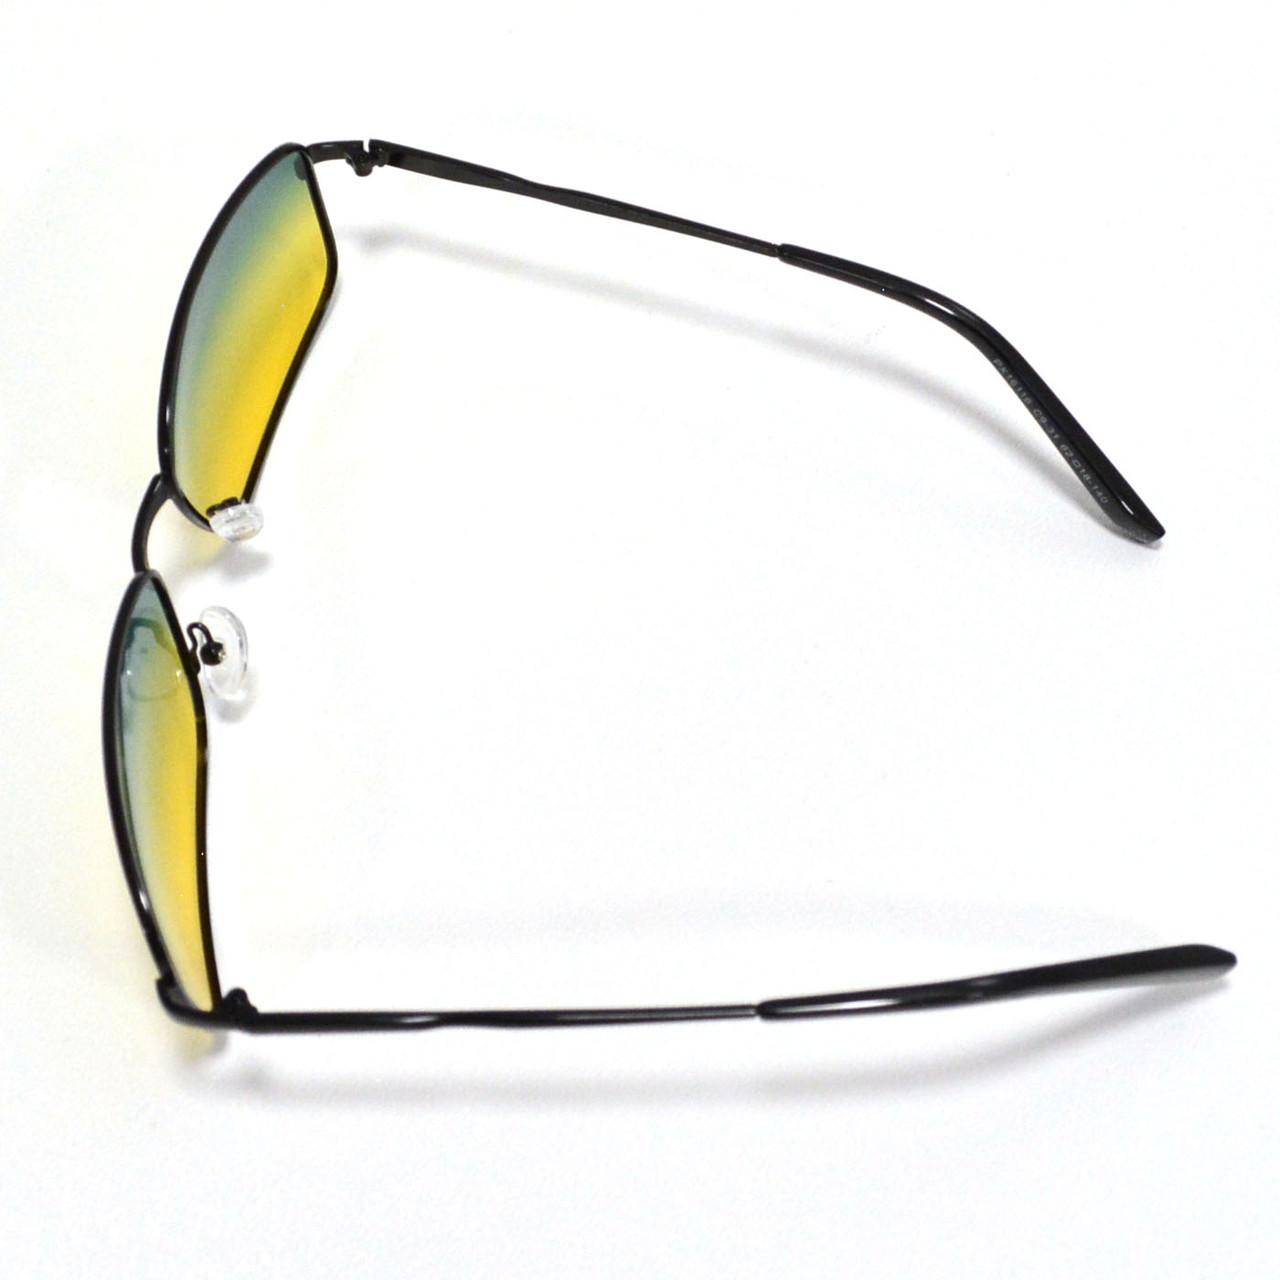 Солнцезащитные поляризационные очки ПОЛАРОИД UV400 тонкая оправа желто зеленые стекла АВТО PX16116 - фото 9